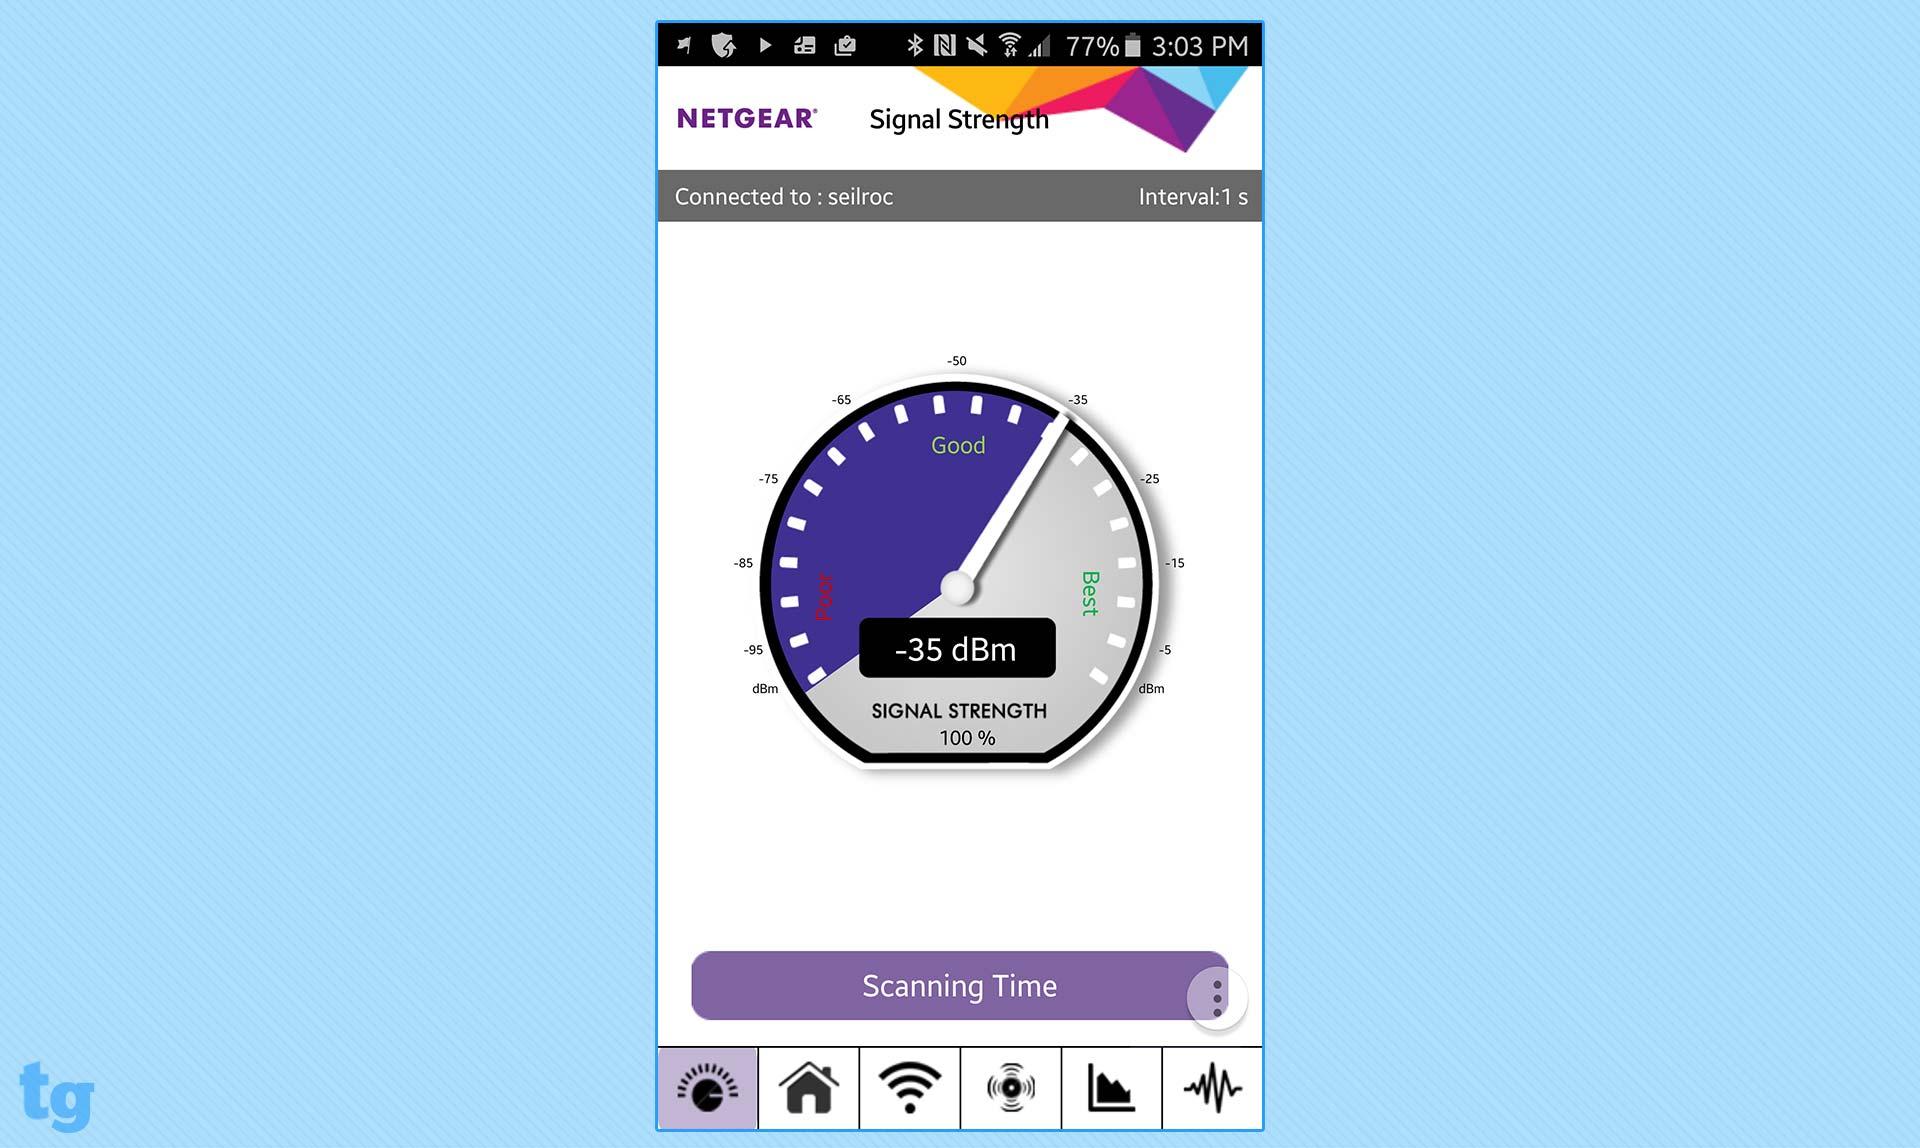 netgear nighthawk android app